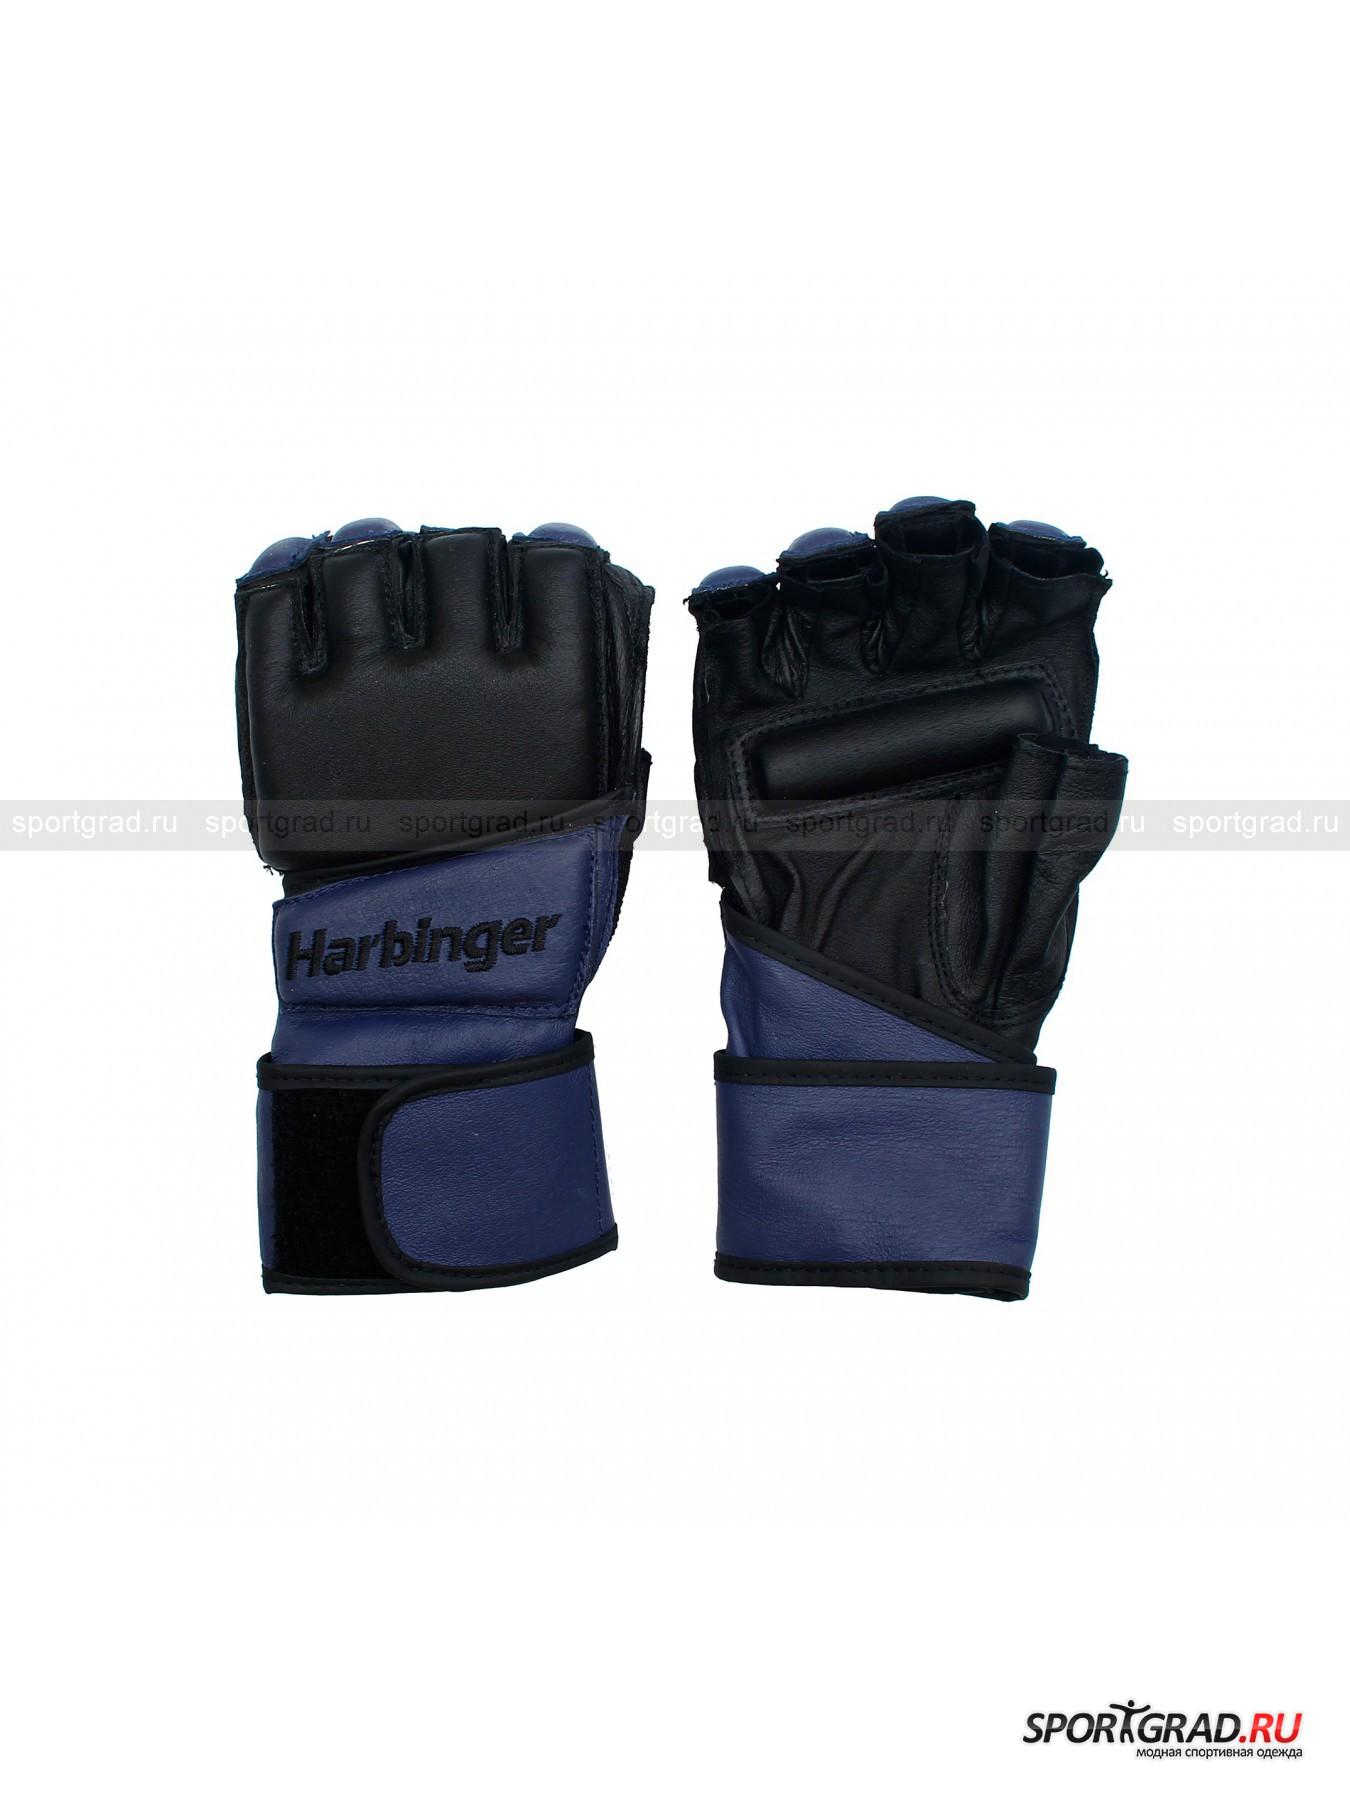 Перчатки снарядные для ударной работы по мешку Wrist-Wrap Bag Gloves HARBINGER от Спортград